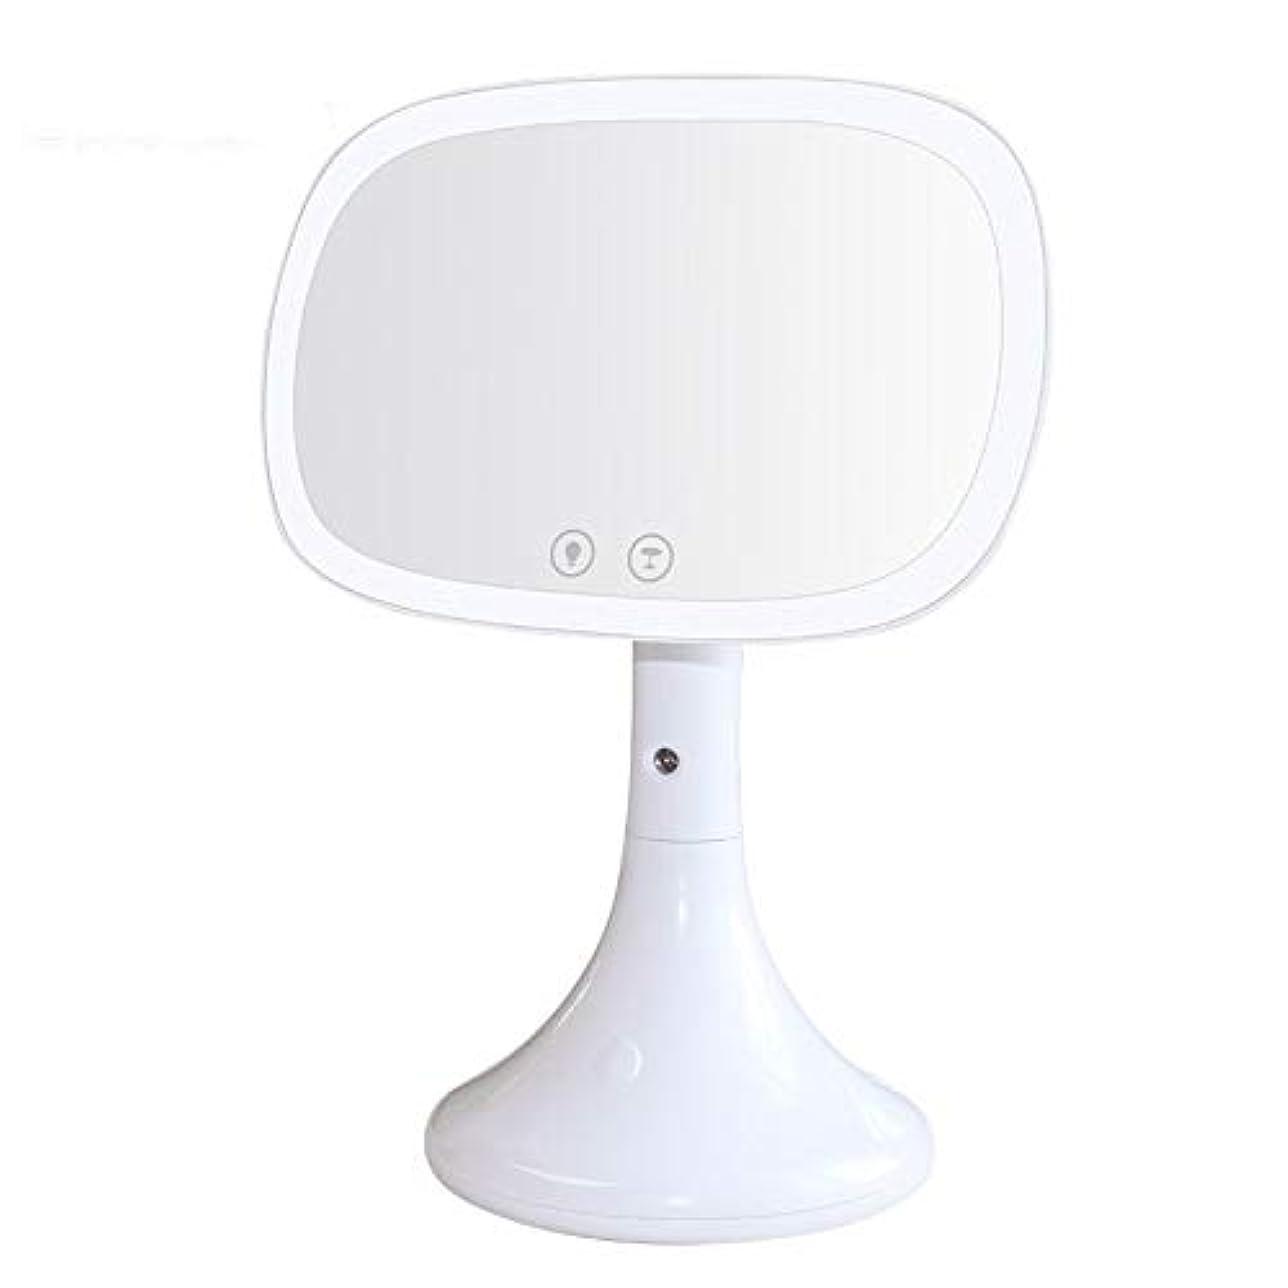 アイドル自動ダイエット流行の USBデスクトップ化粧鏡LED美容保湿化粧鏡水スプレーホワイトピンク (色 : White)